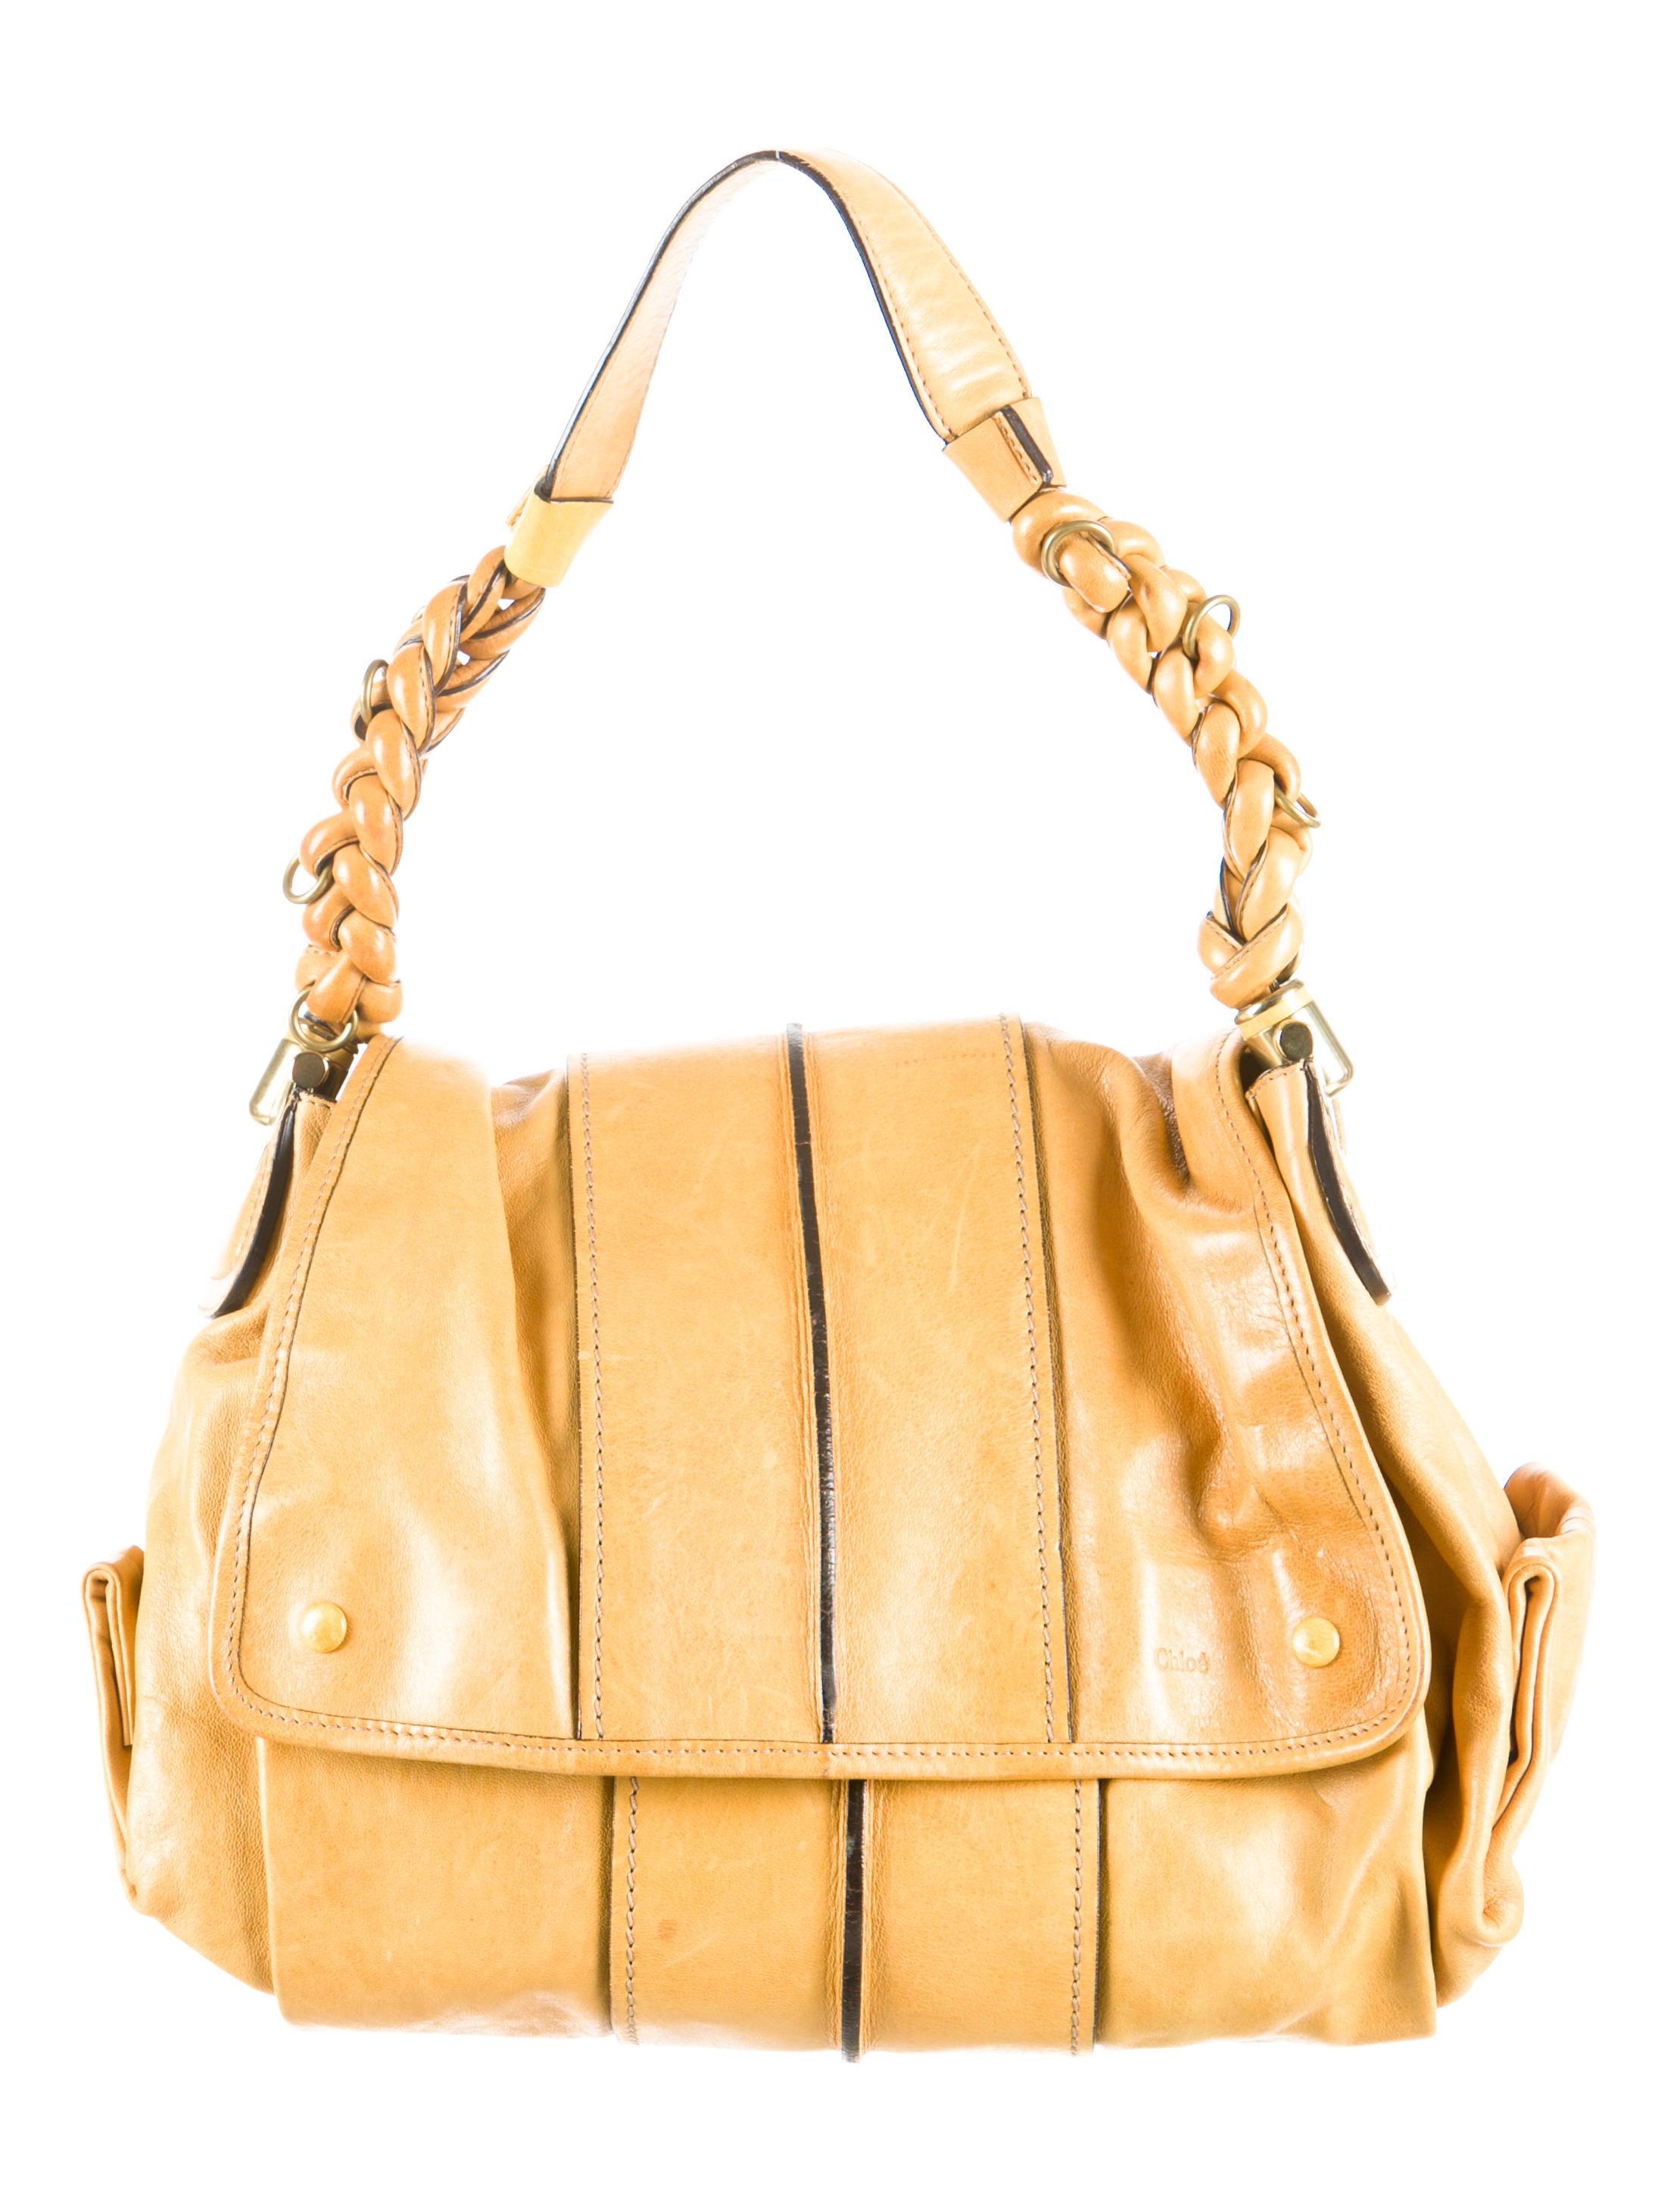 Chlo¨¦ Heloise Bag - Handbags - CHL31697 | The RealReal